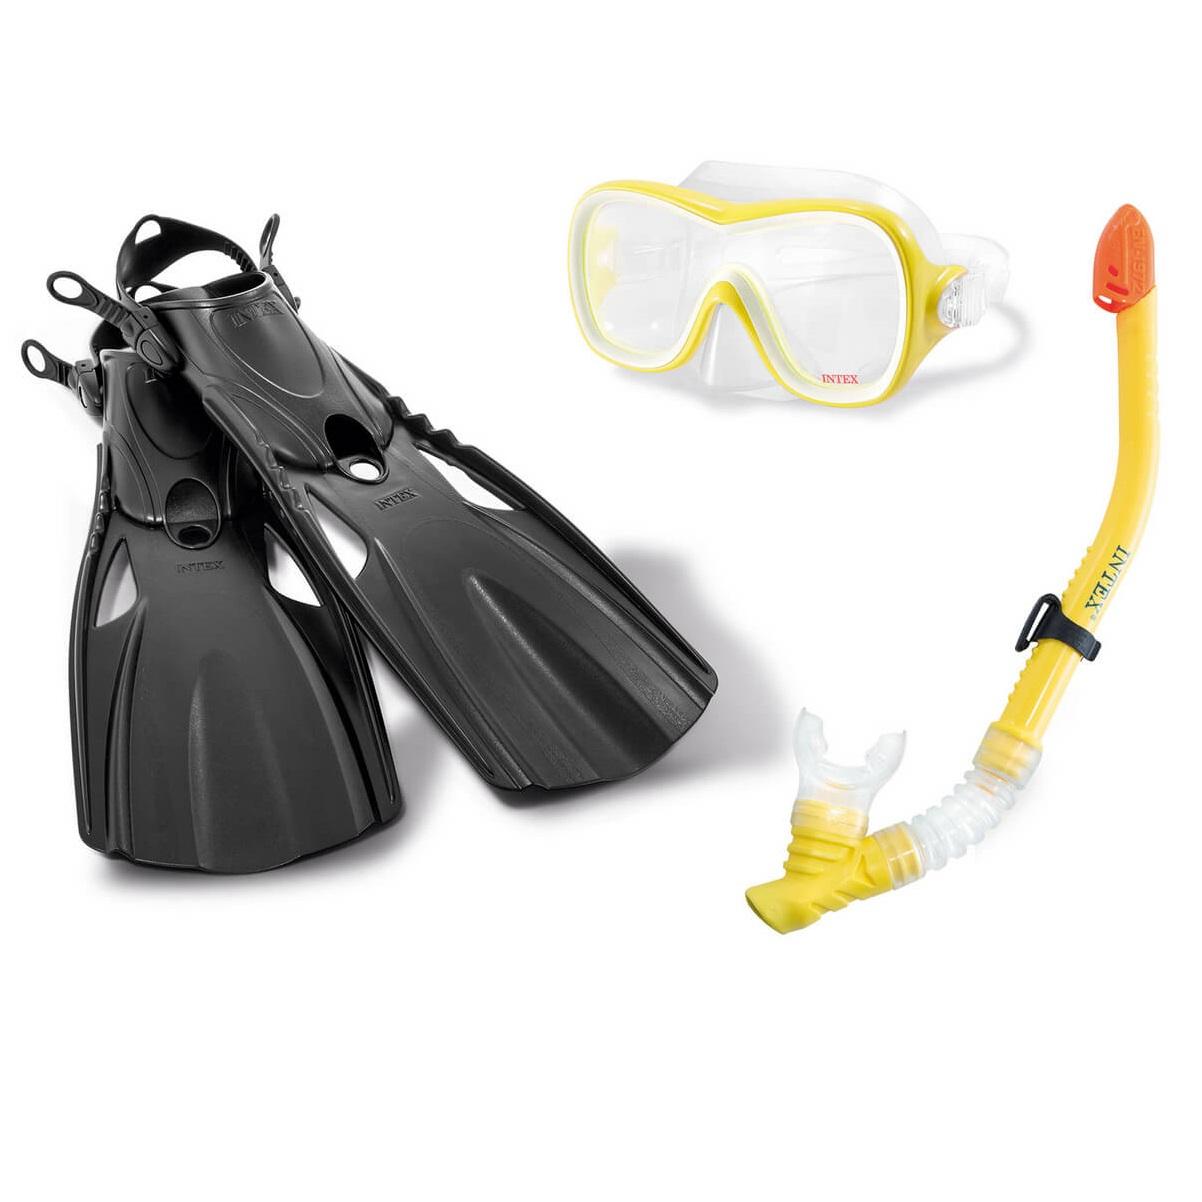 Фото - Спортивный набор для плавания Intex wave rider набор для плавания intex aqua pro серый